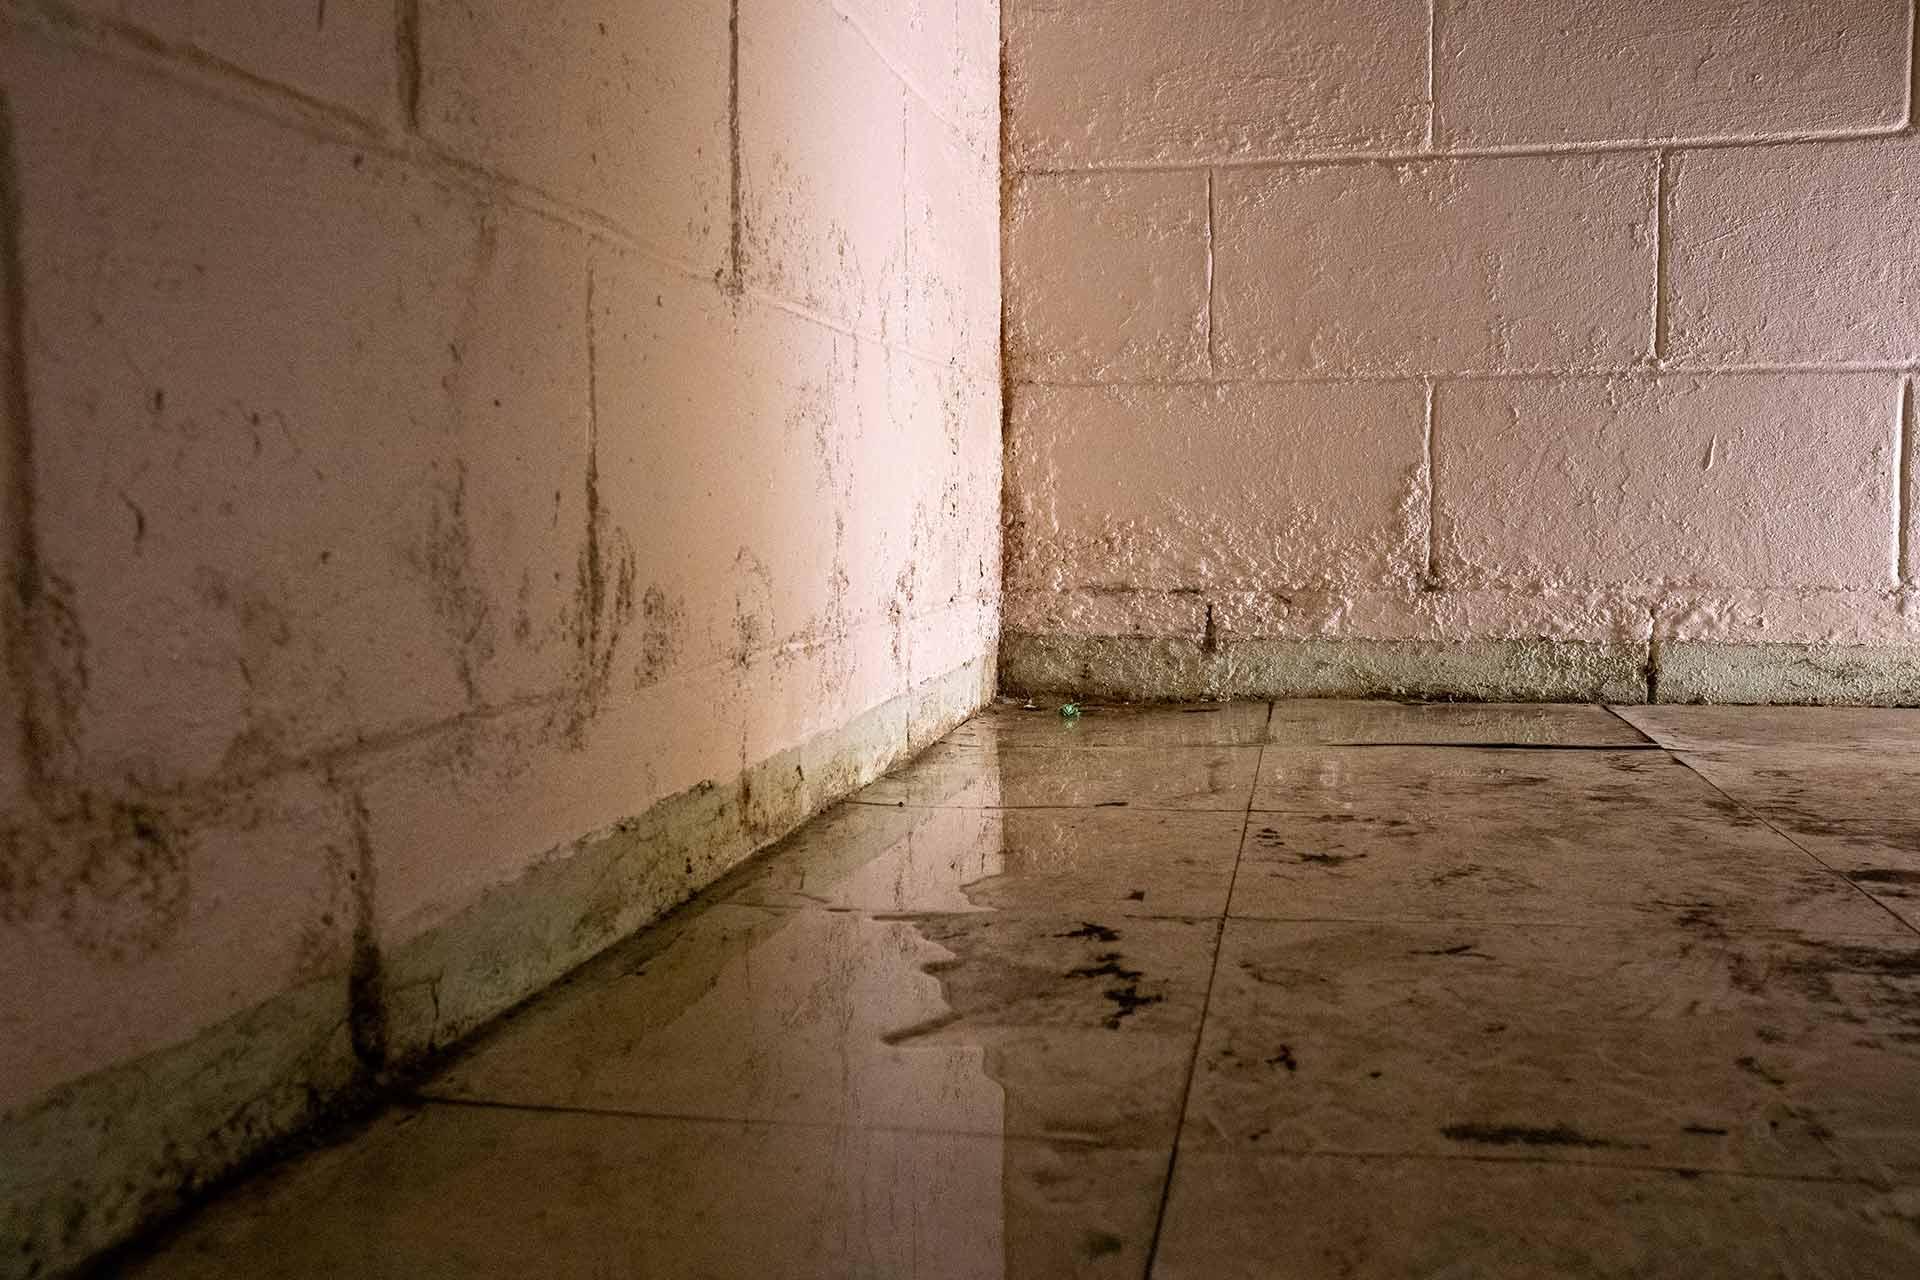 water on floor in basement